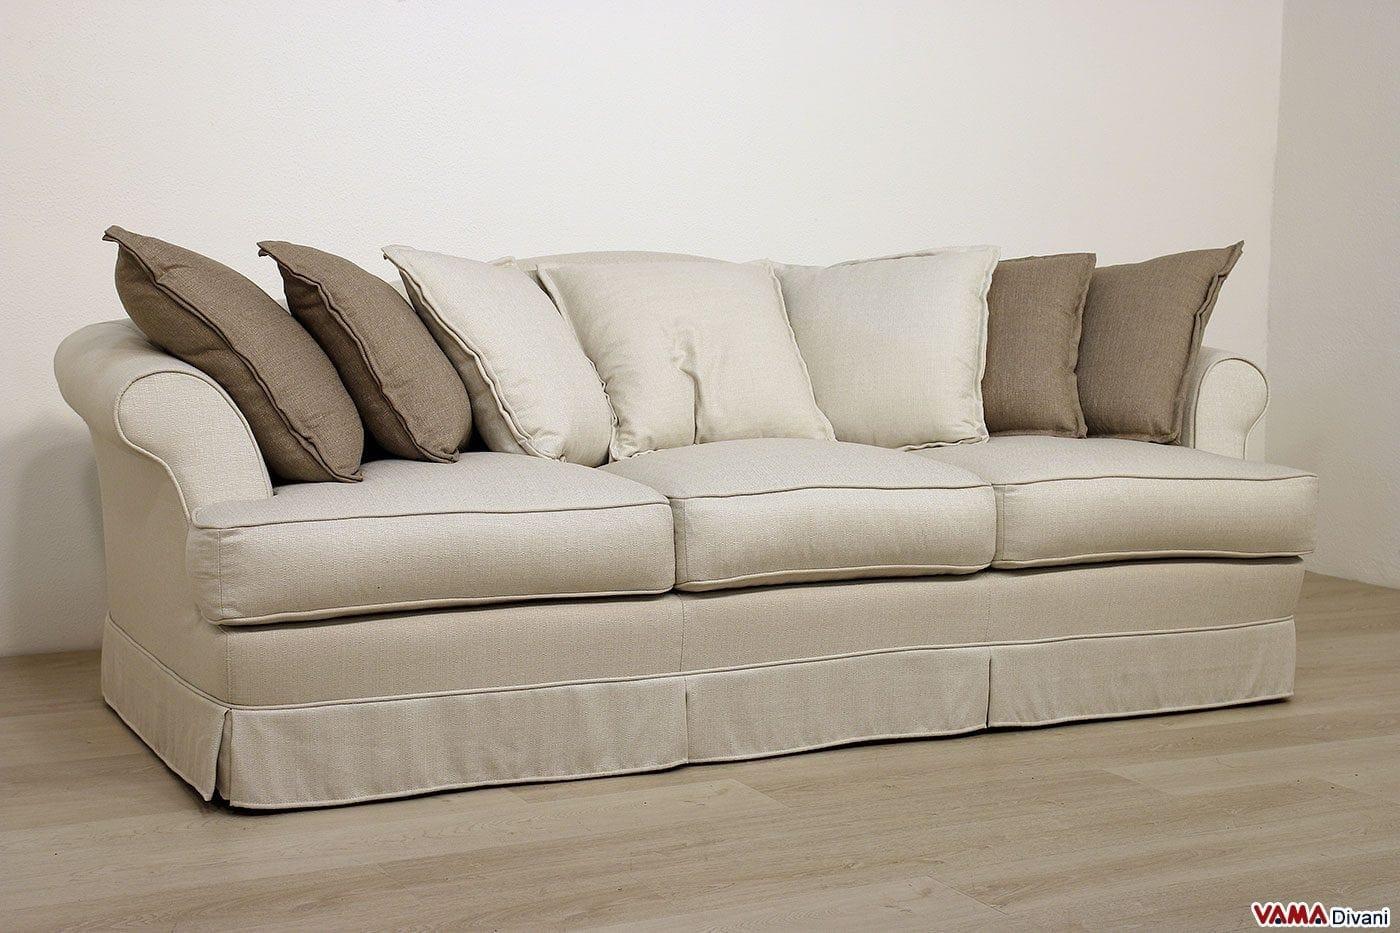 Divano classico su misura in tessuto sfoderabile chiaro - Cuscini schienale divano ...